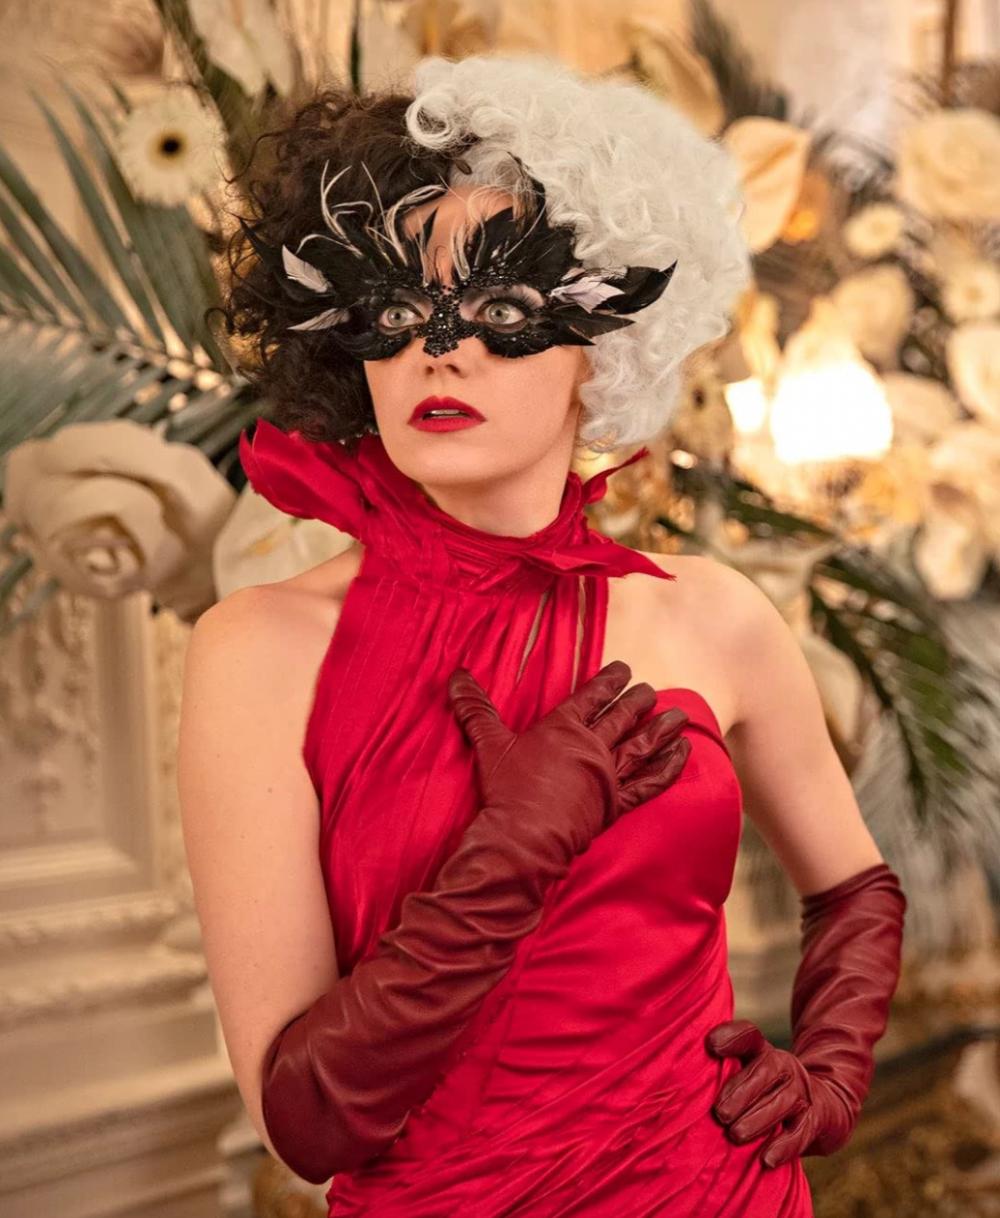 迪士尼最好看的真人反派電影!劇中狂換47套造型,時尚女魔頭Cruella的個人時尚秀